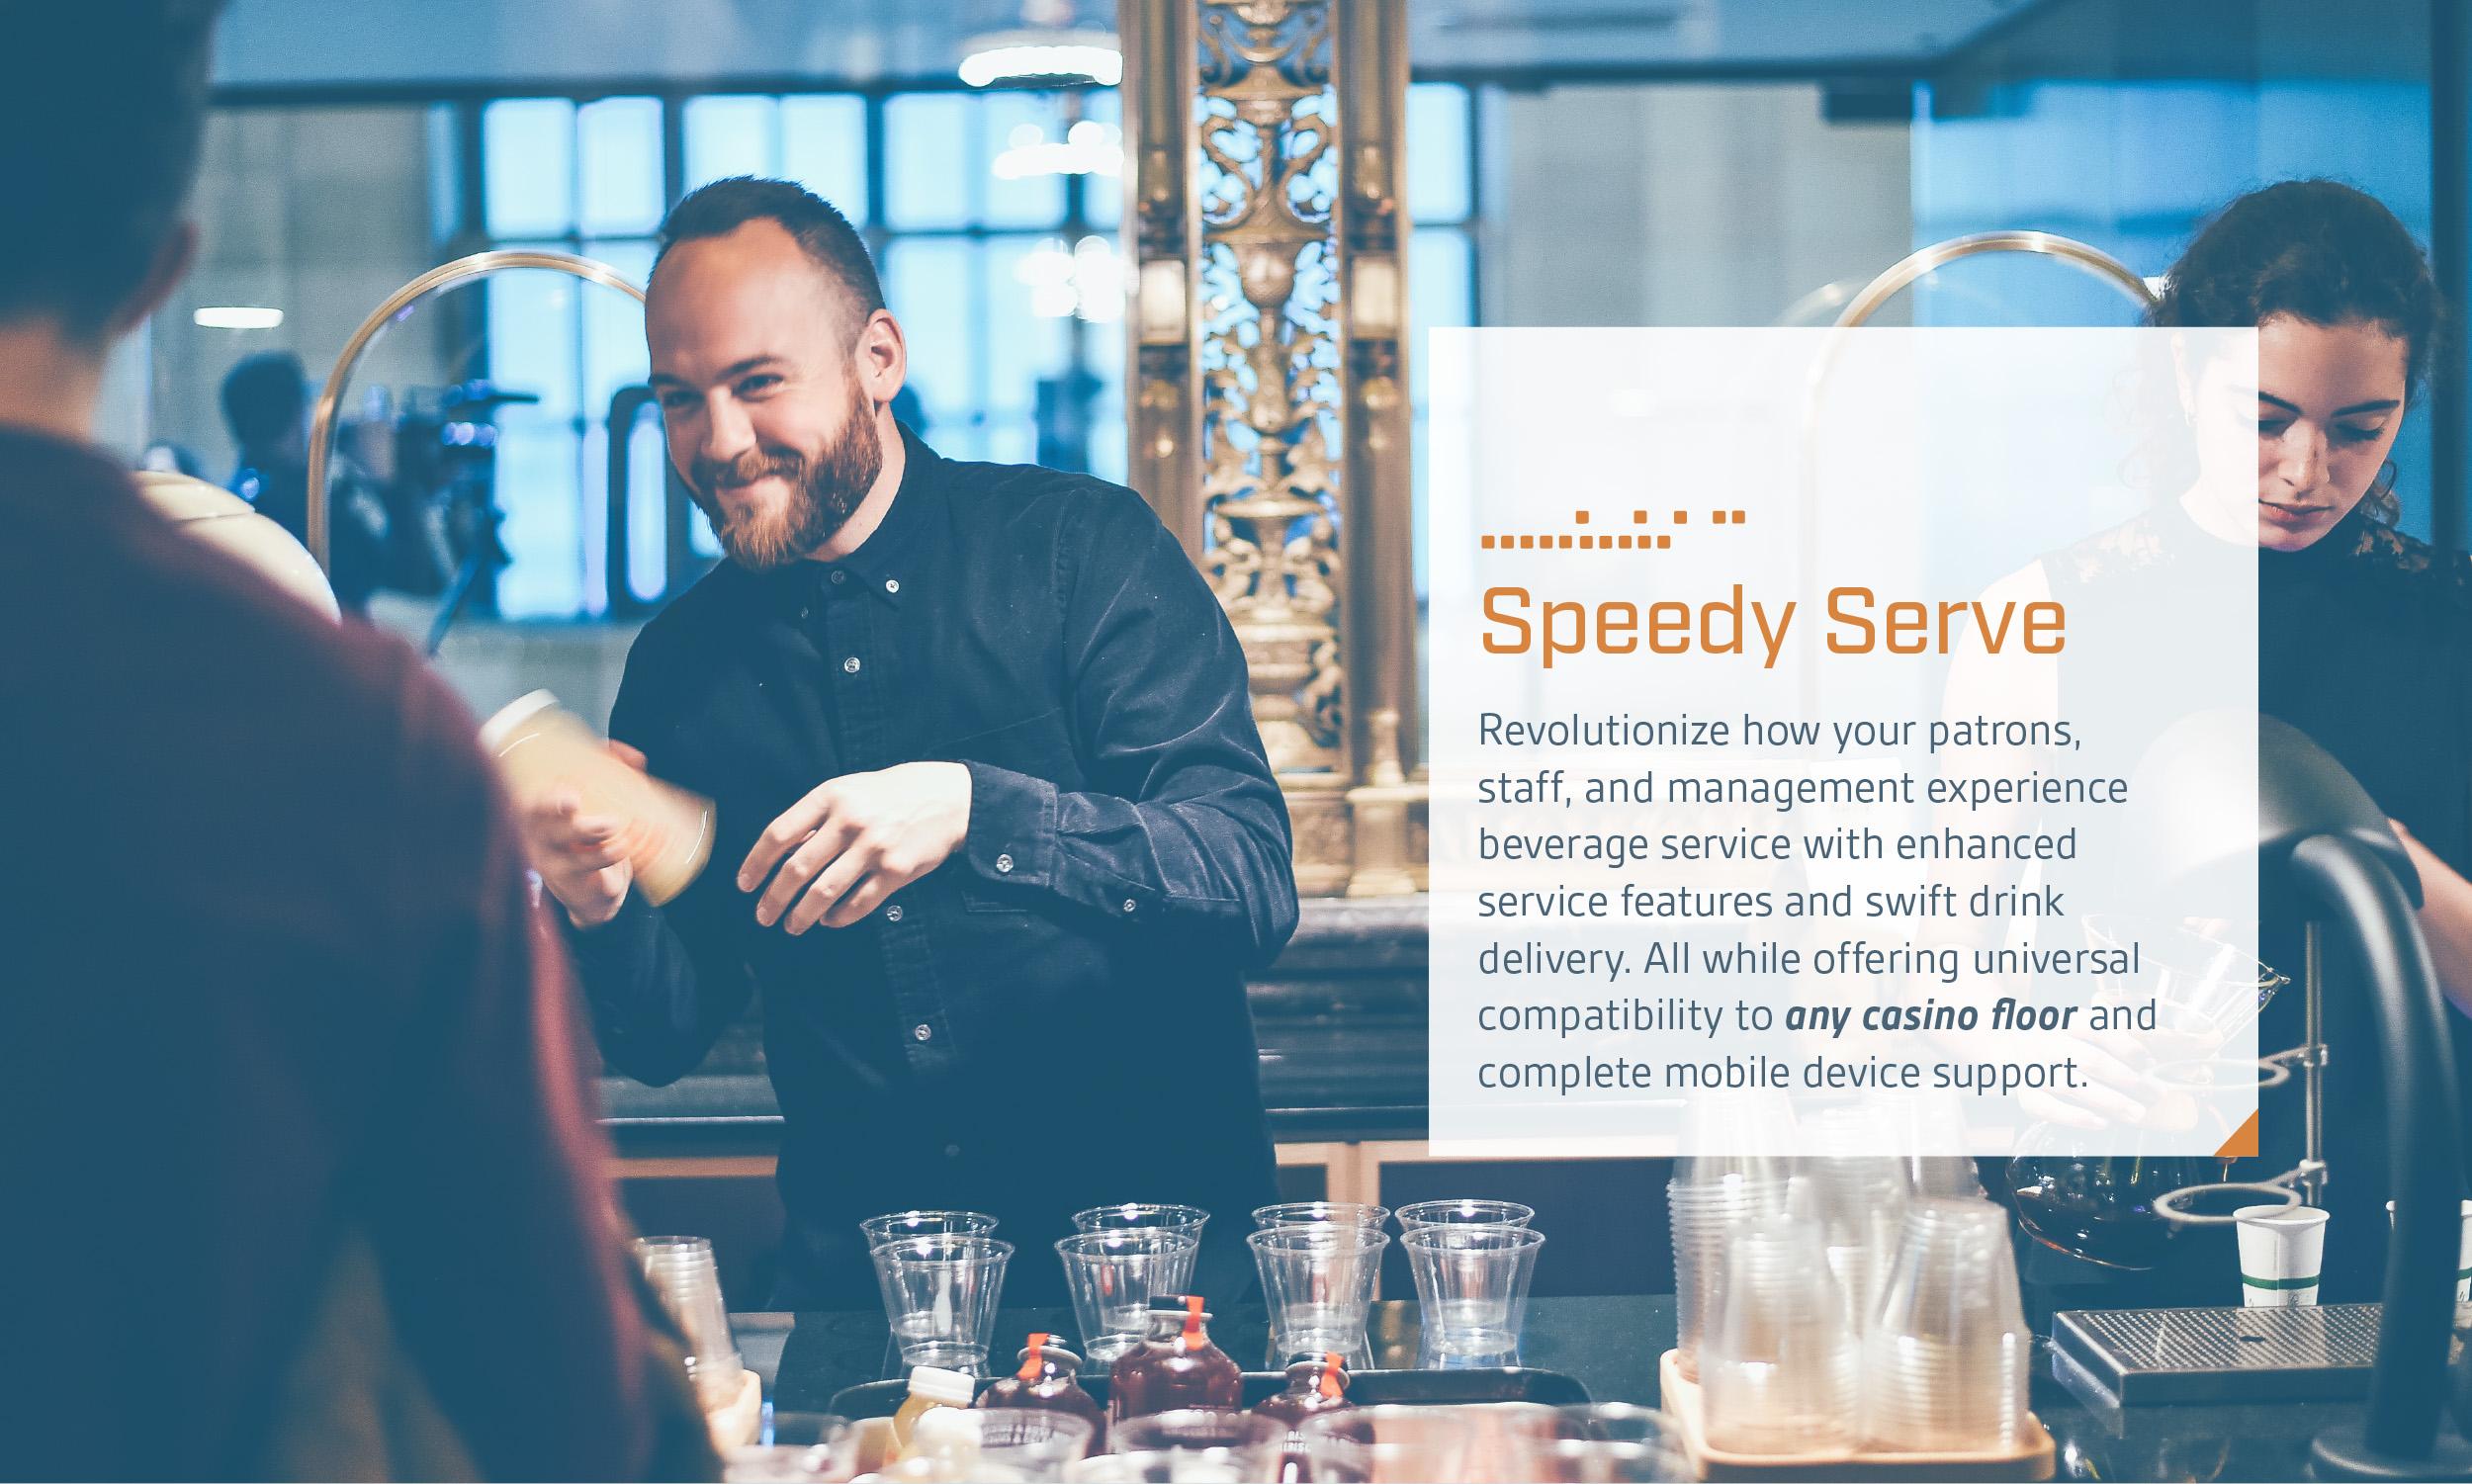 speedy-serve-banner.jpg